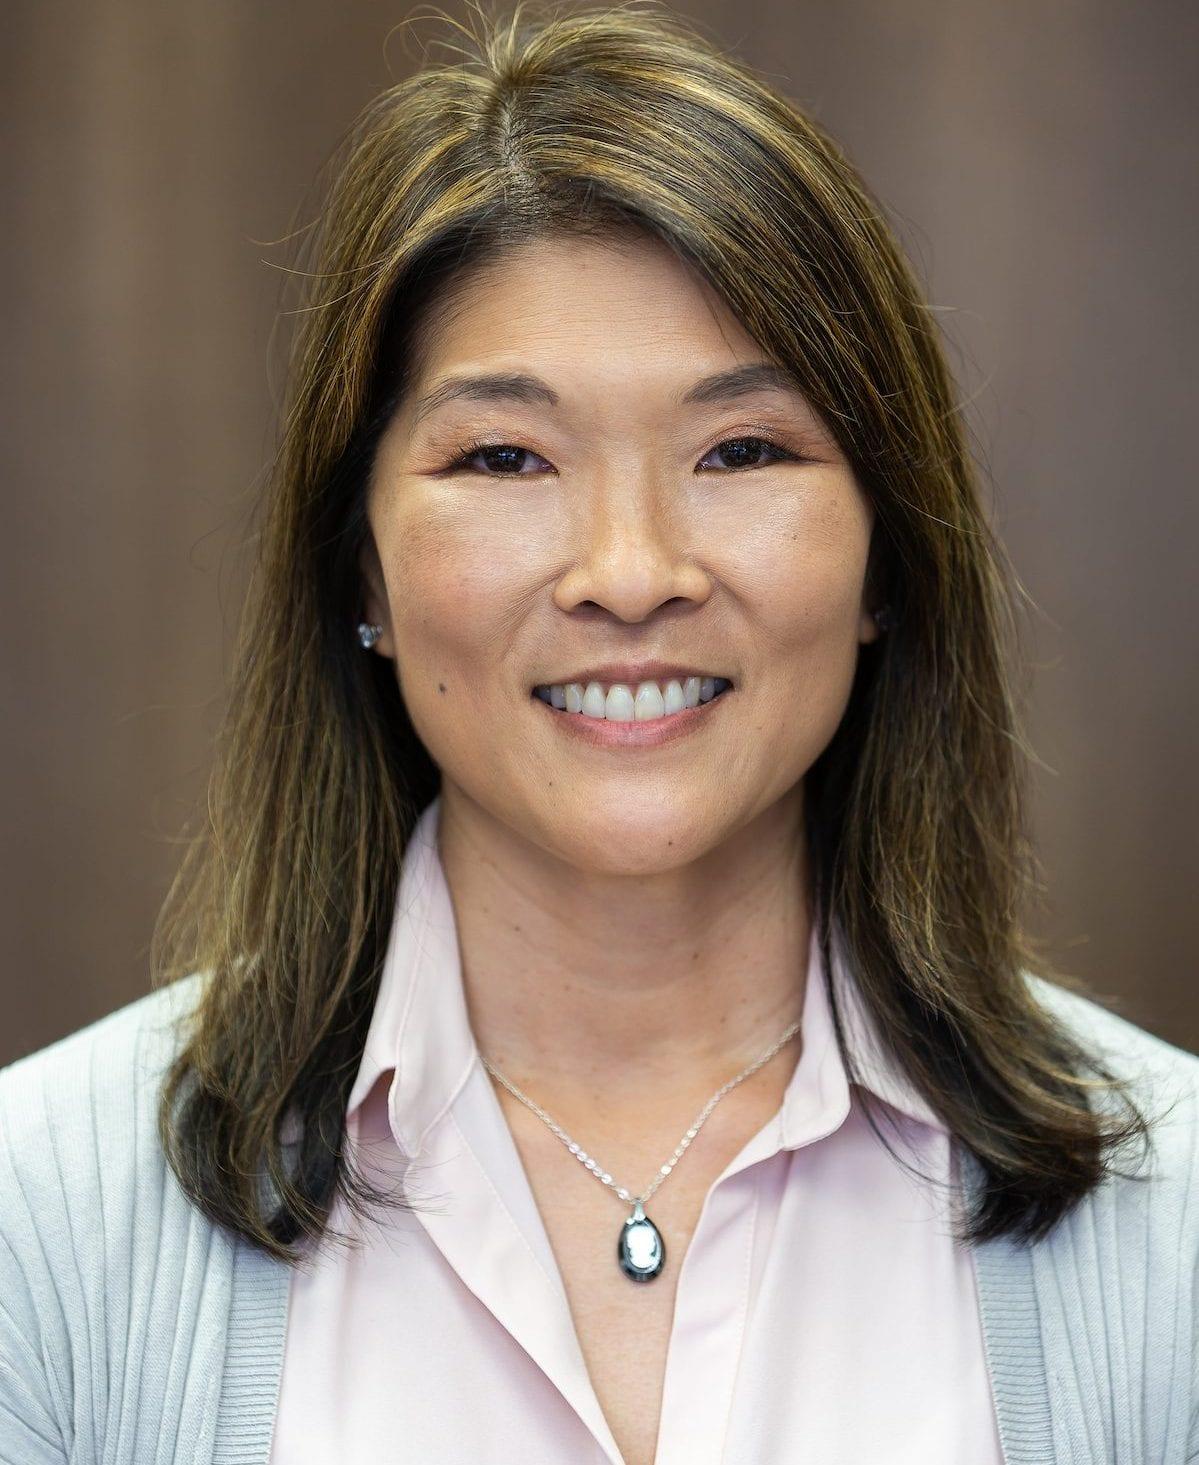 Ronni M Chen, MD